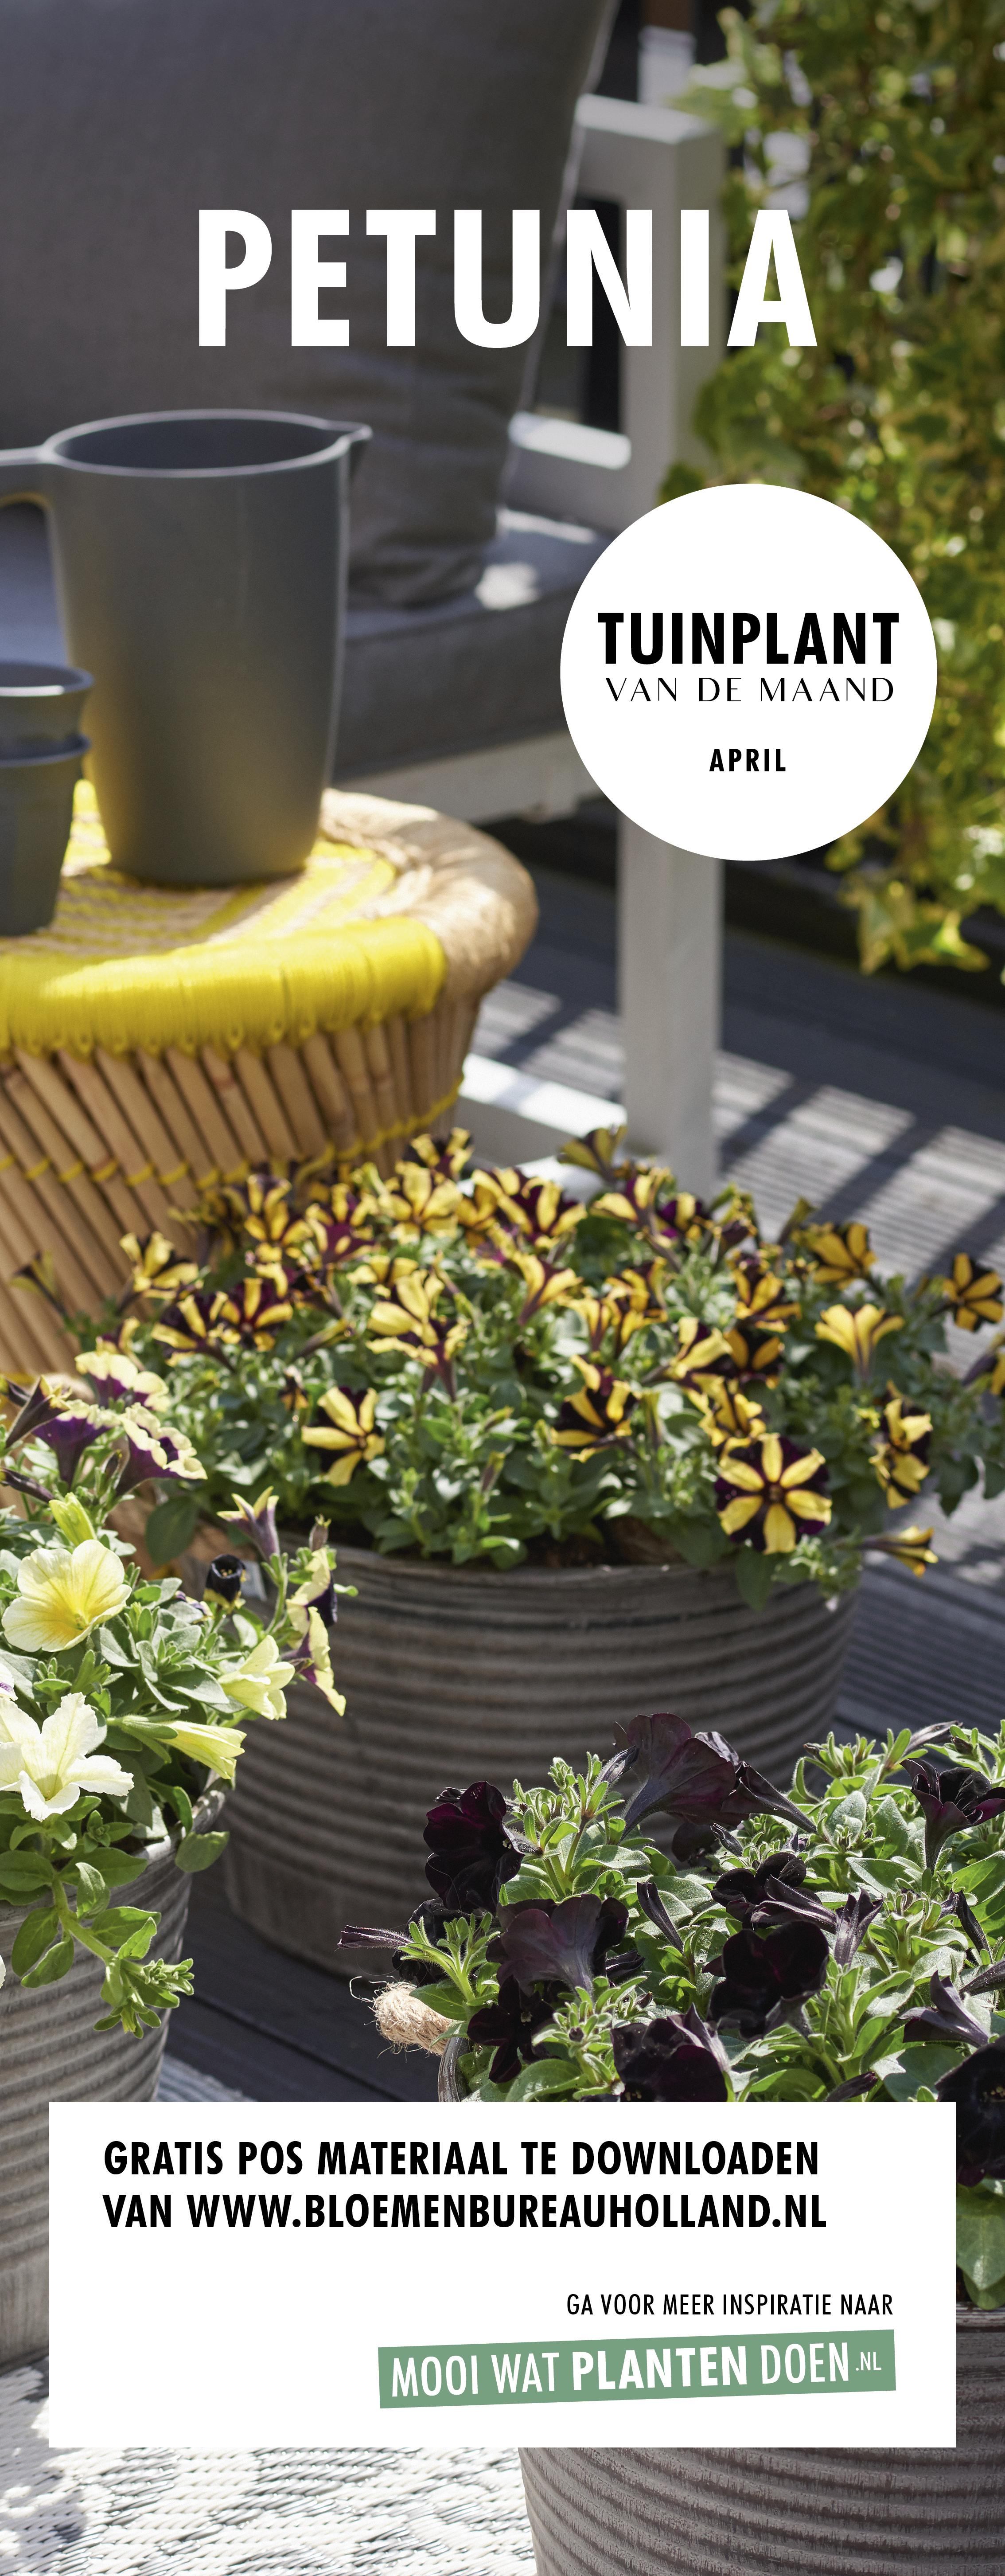 Tuinplant van de Maand april: Petunia